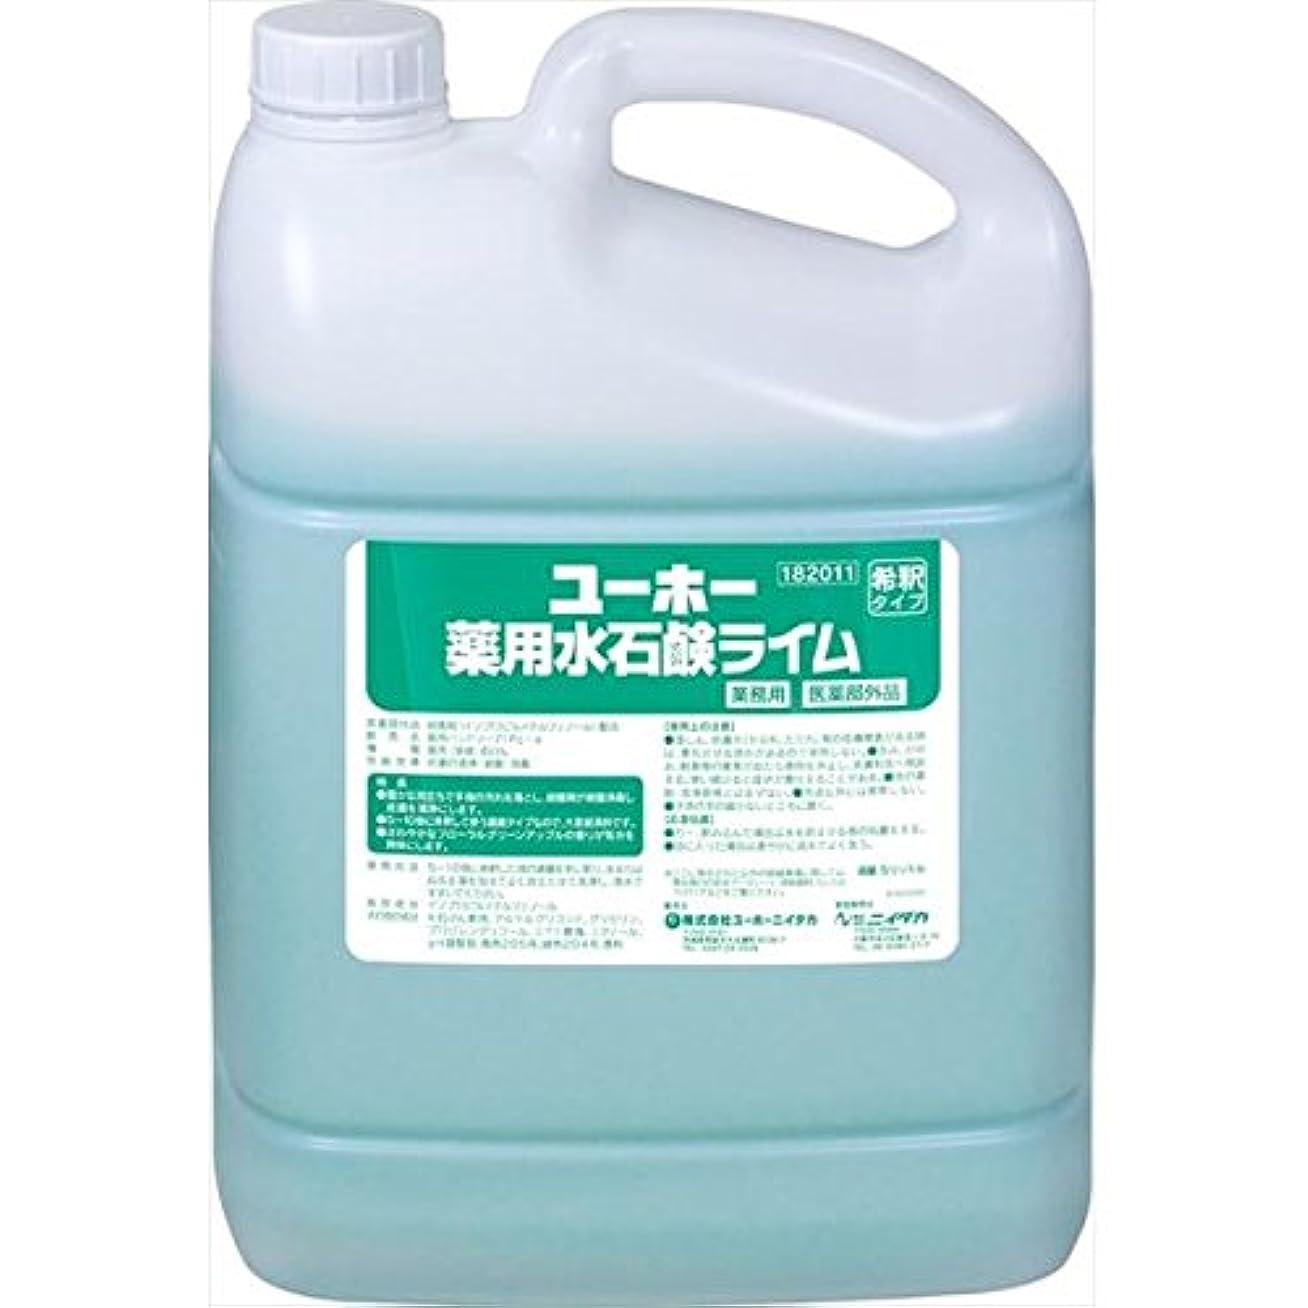 シェーバー終わらせる生き残りユーホーニイタカ:薬用水石鹸ライム 5L×2 182011